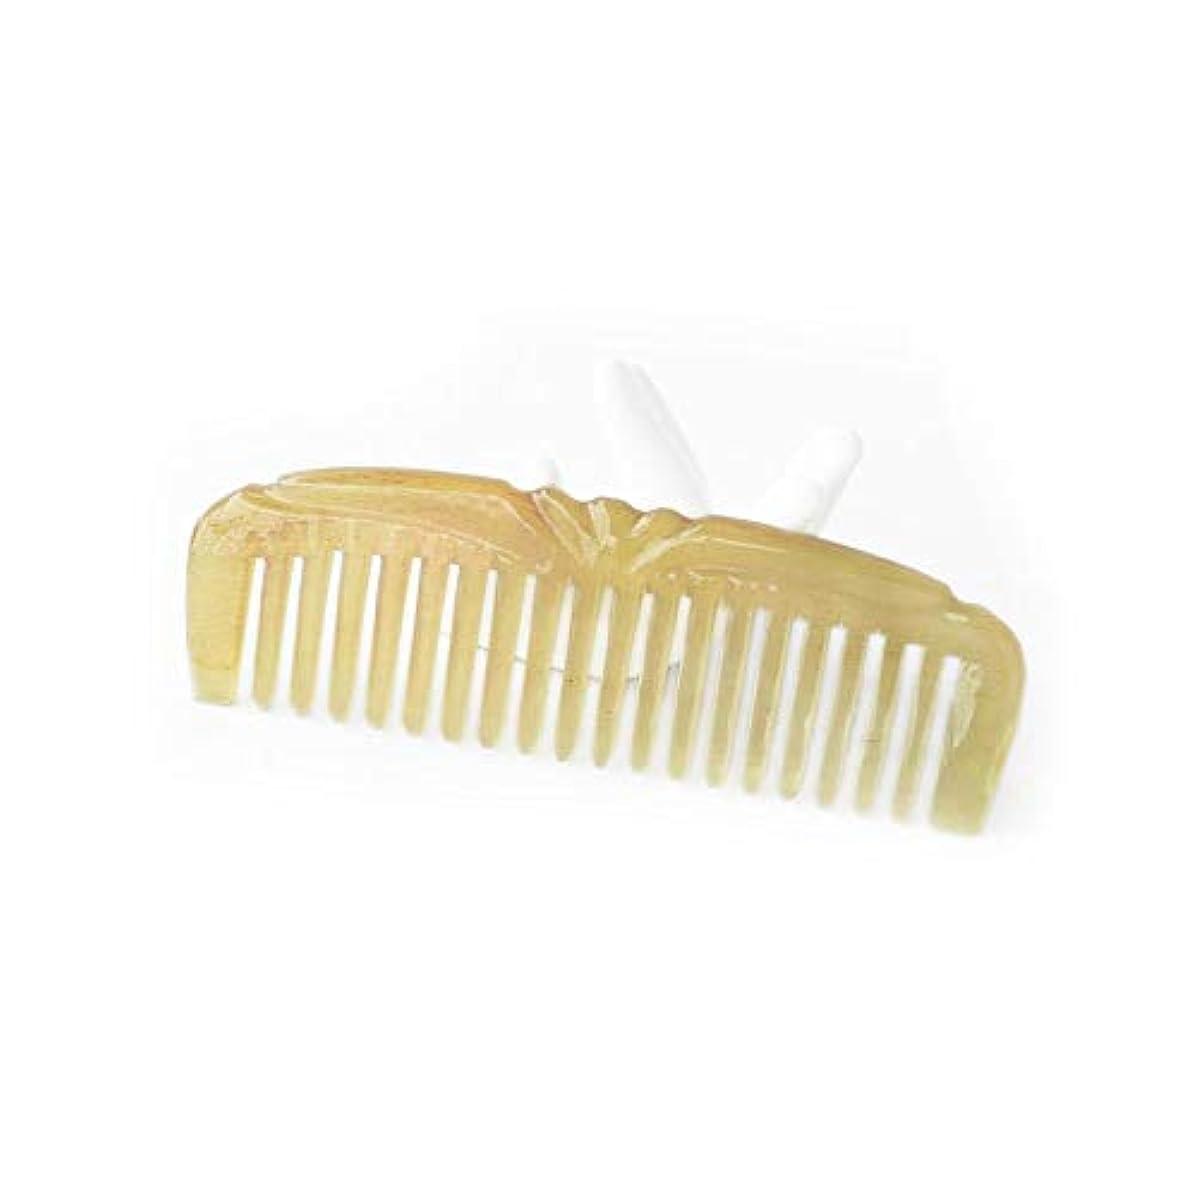 と闘う表現神秘的なWASAIO ヘアブラシハンドクラフトナチュラルバッファローホーンコームムーンシェイプヘアブラシ(広歯、細歯) (色 : Fine tooth)